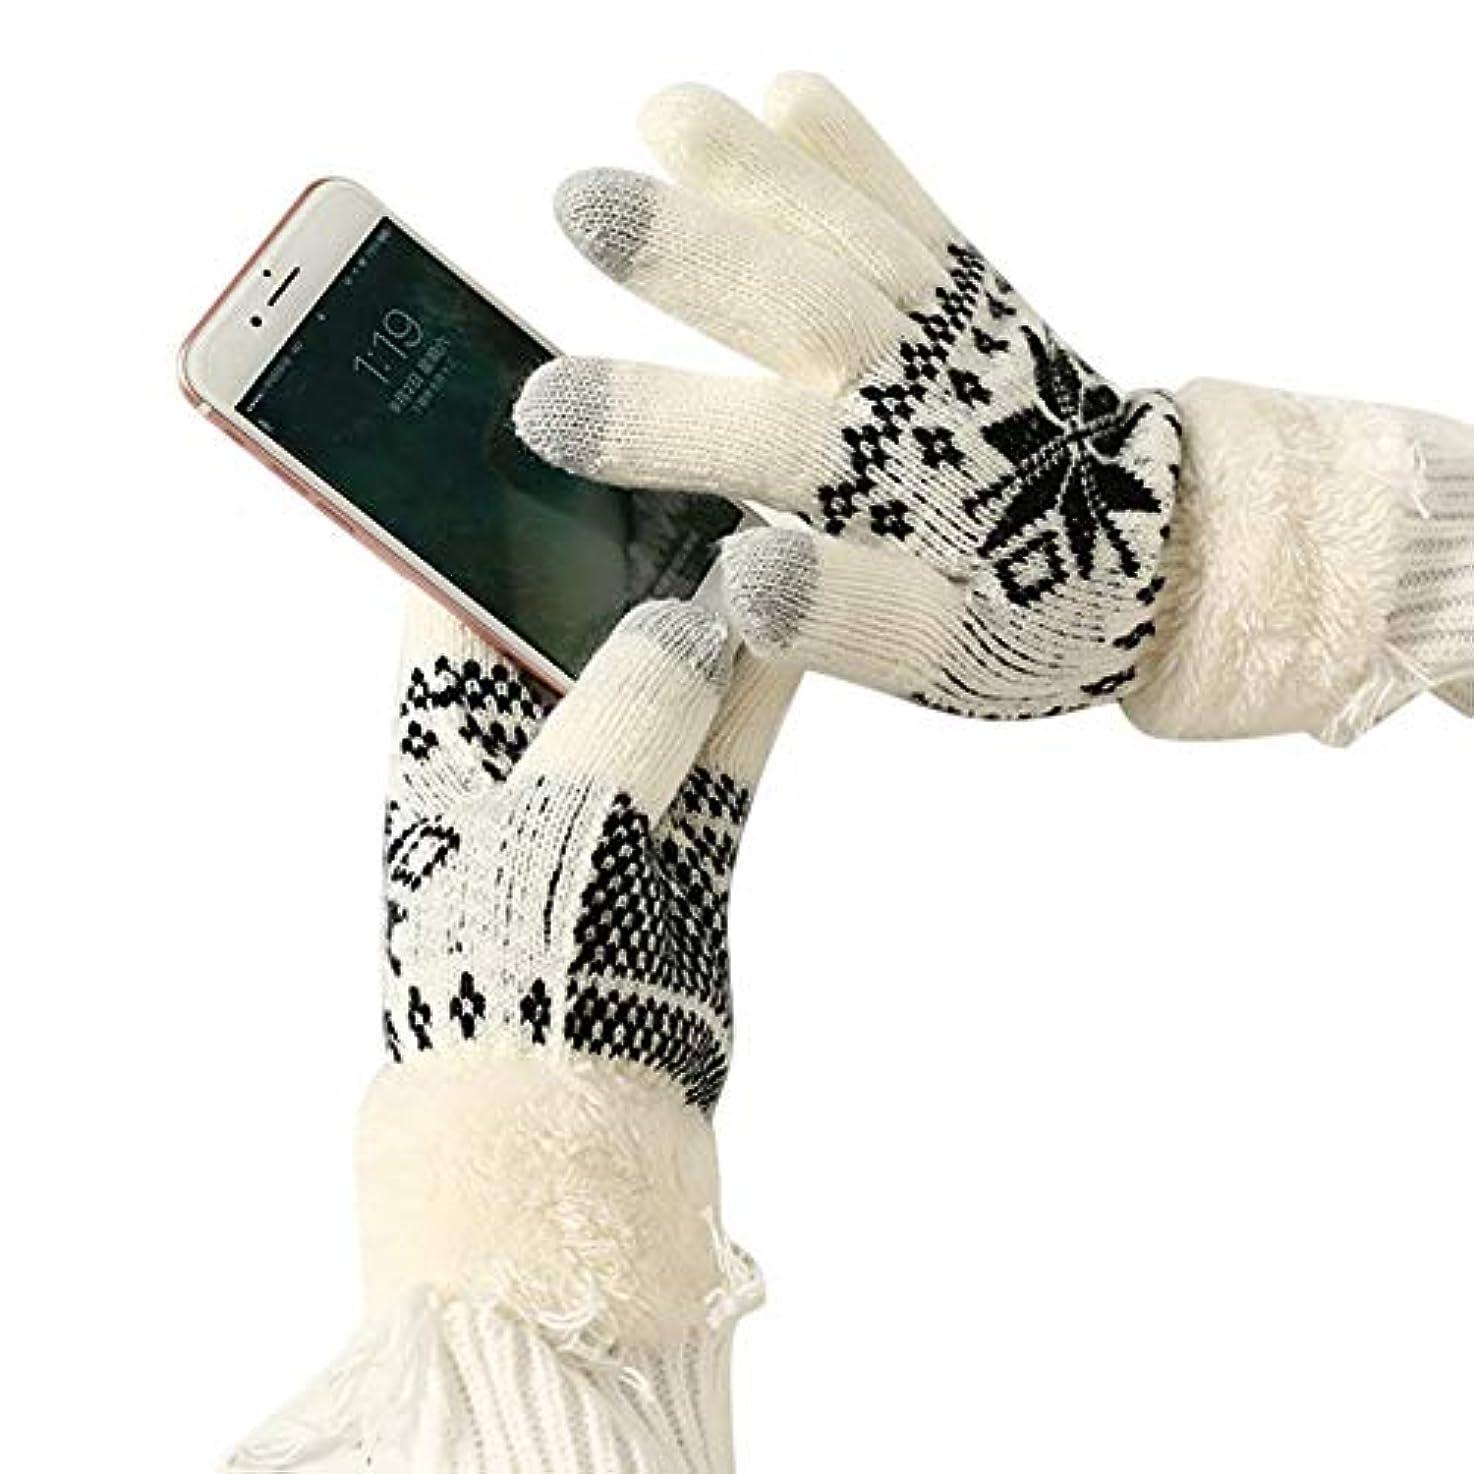 受け皿杭支援Profeel 非常に暖かいフリースのタッチスクリーン手袋は、女性の冬の屋外で厚く編みます